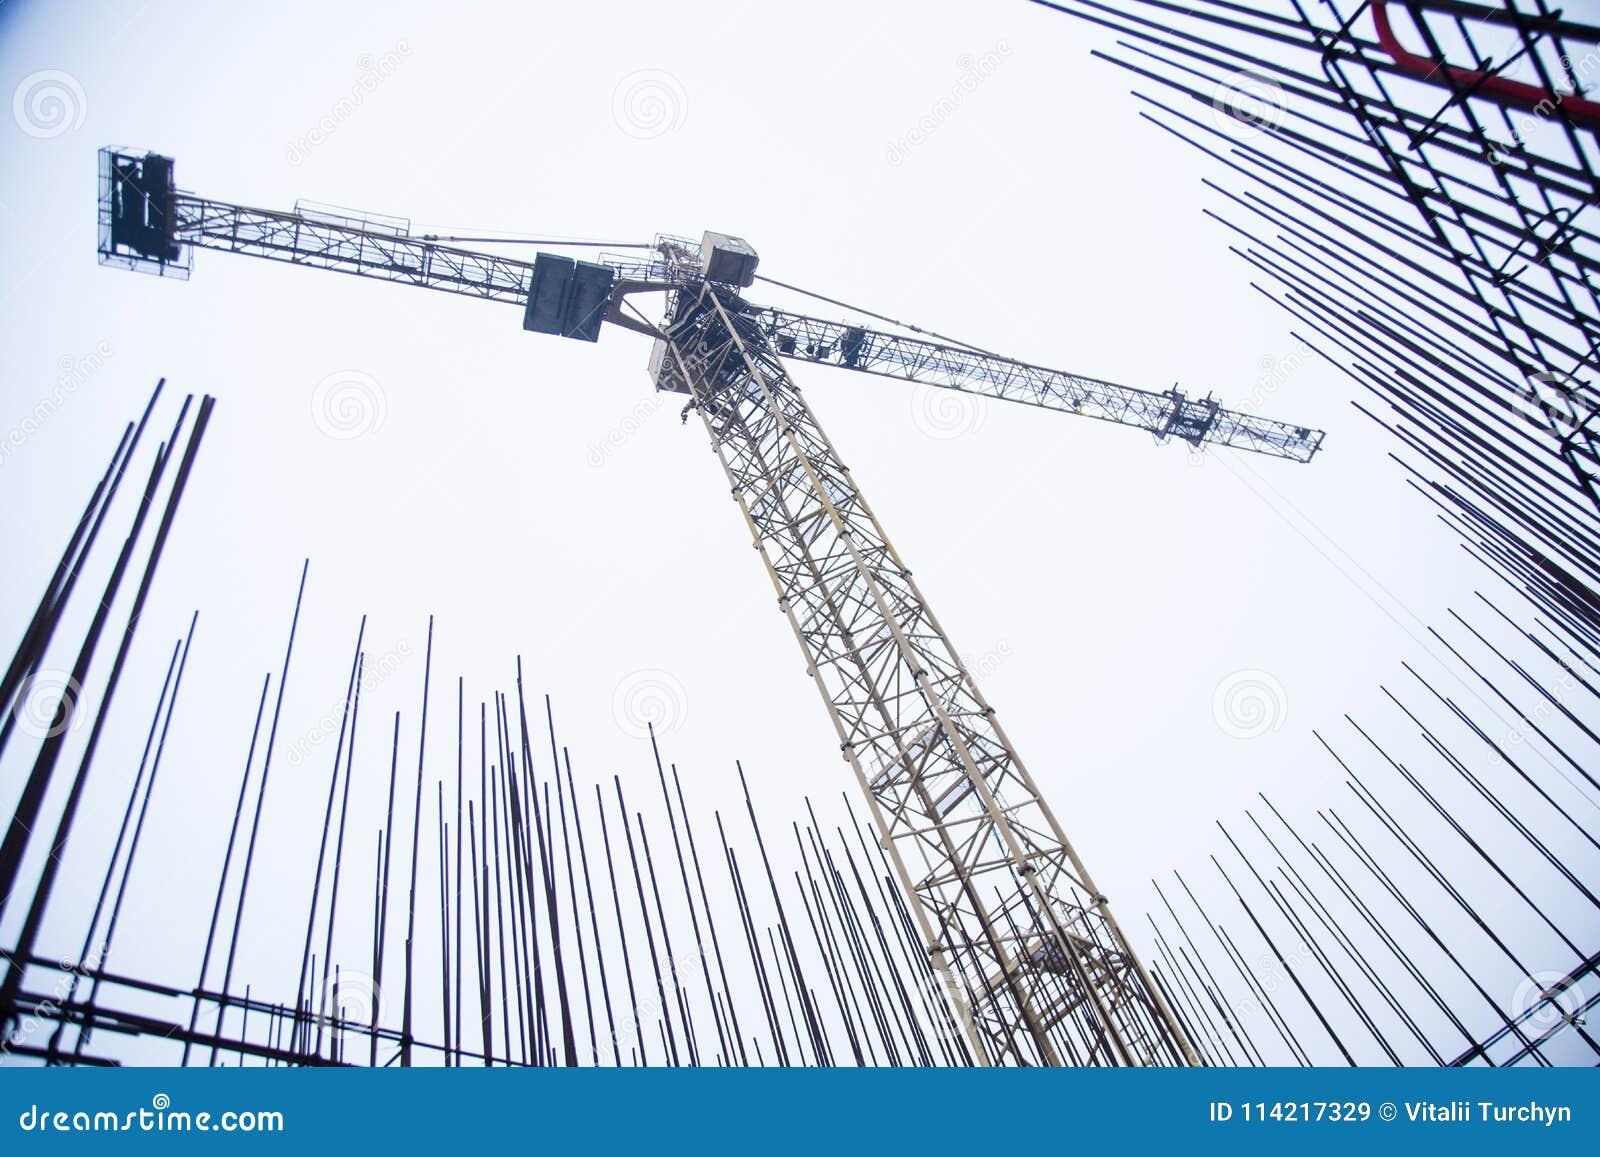 Colunas concretas no canteiro de obras industrial Construção do arranha-céus com guindaste, ferramentas e as barras de aço reforç